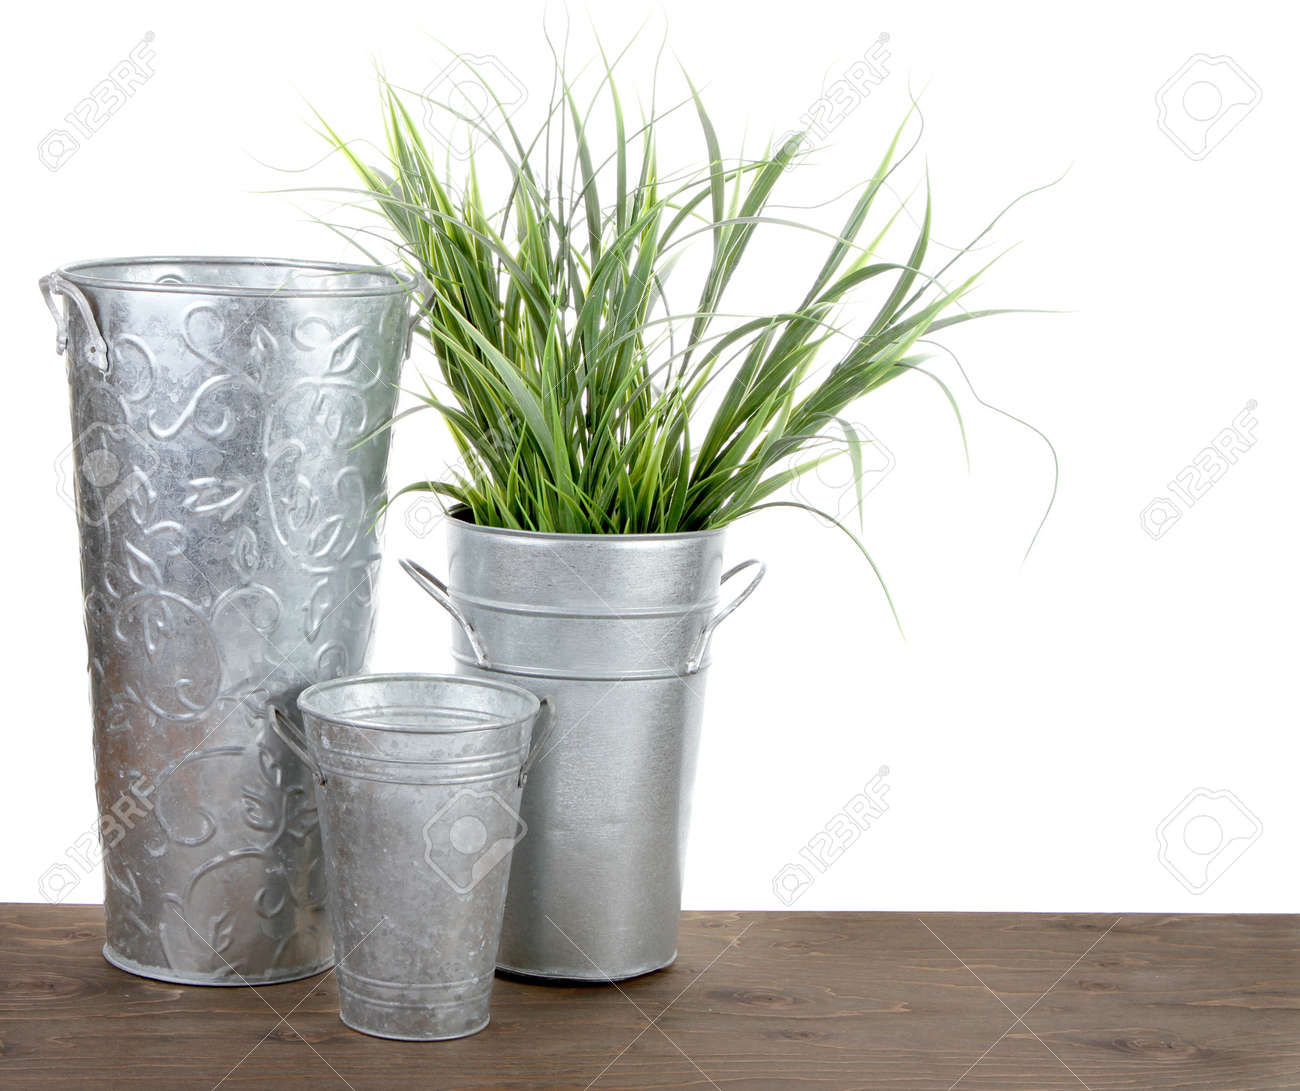 Metall Garten Container Mit Gras Auf Weißem Hintergrund Lizenzfreie